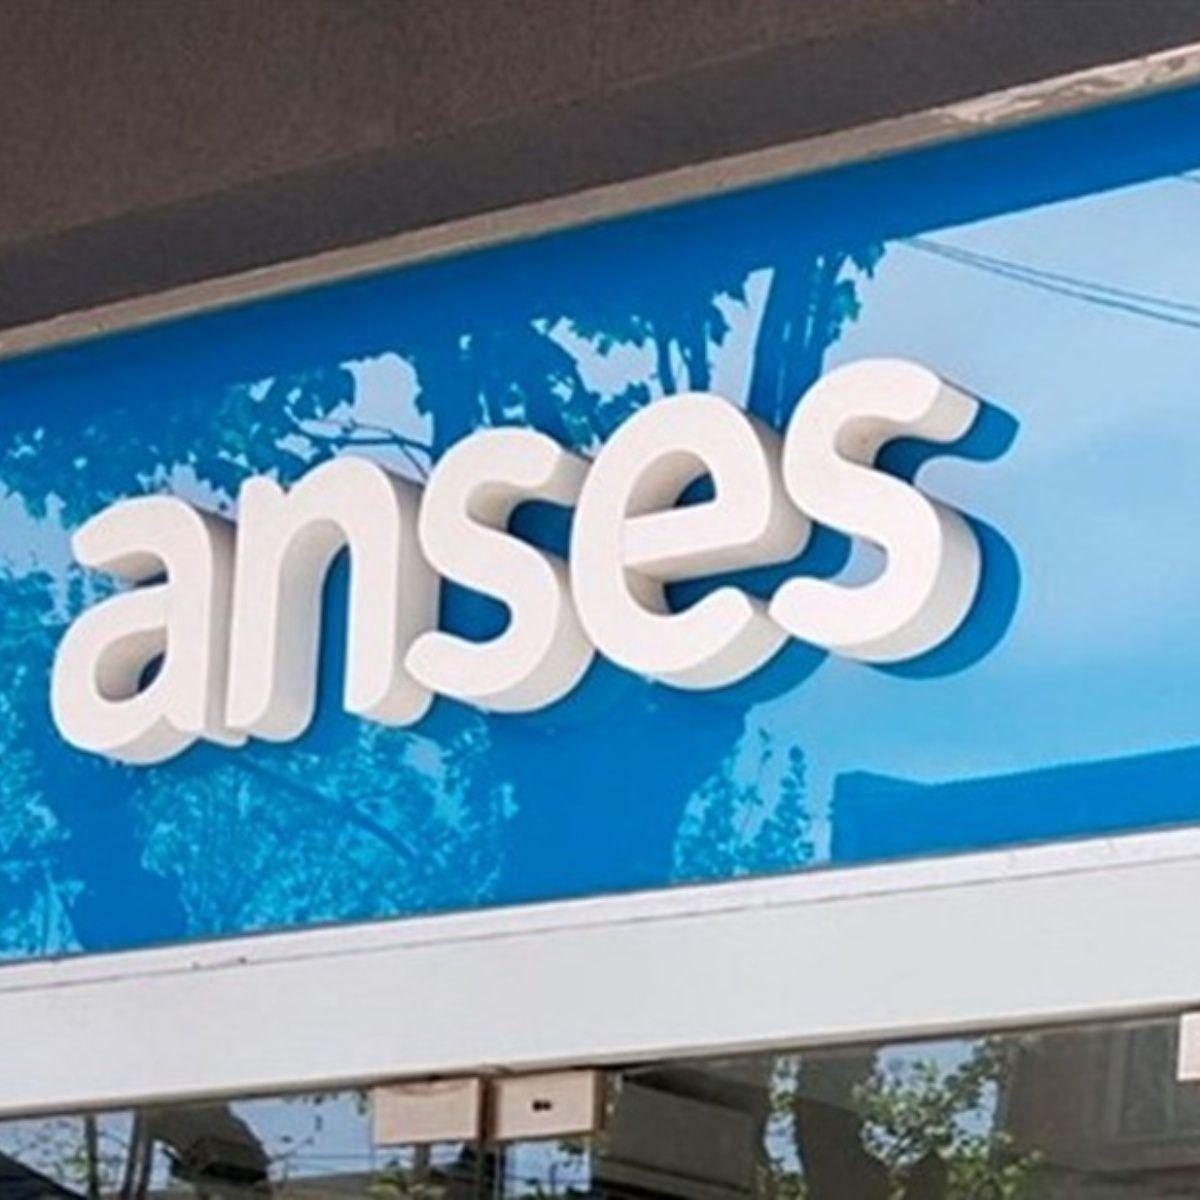 Este lunes 20 de septiembre continúa el cobro de jubilaciones, AUH y otras asignaciones de Anses.